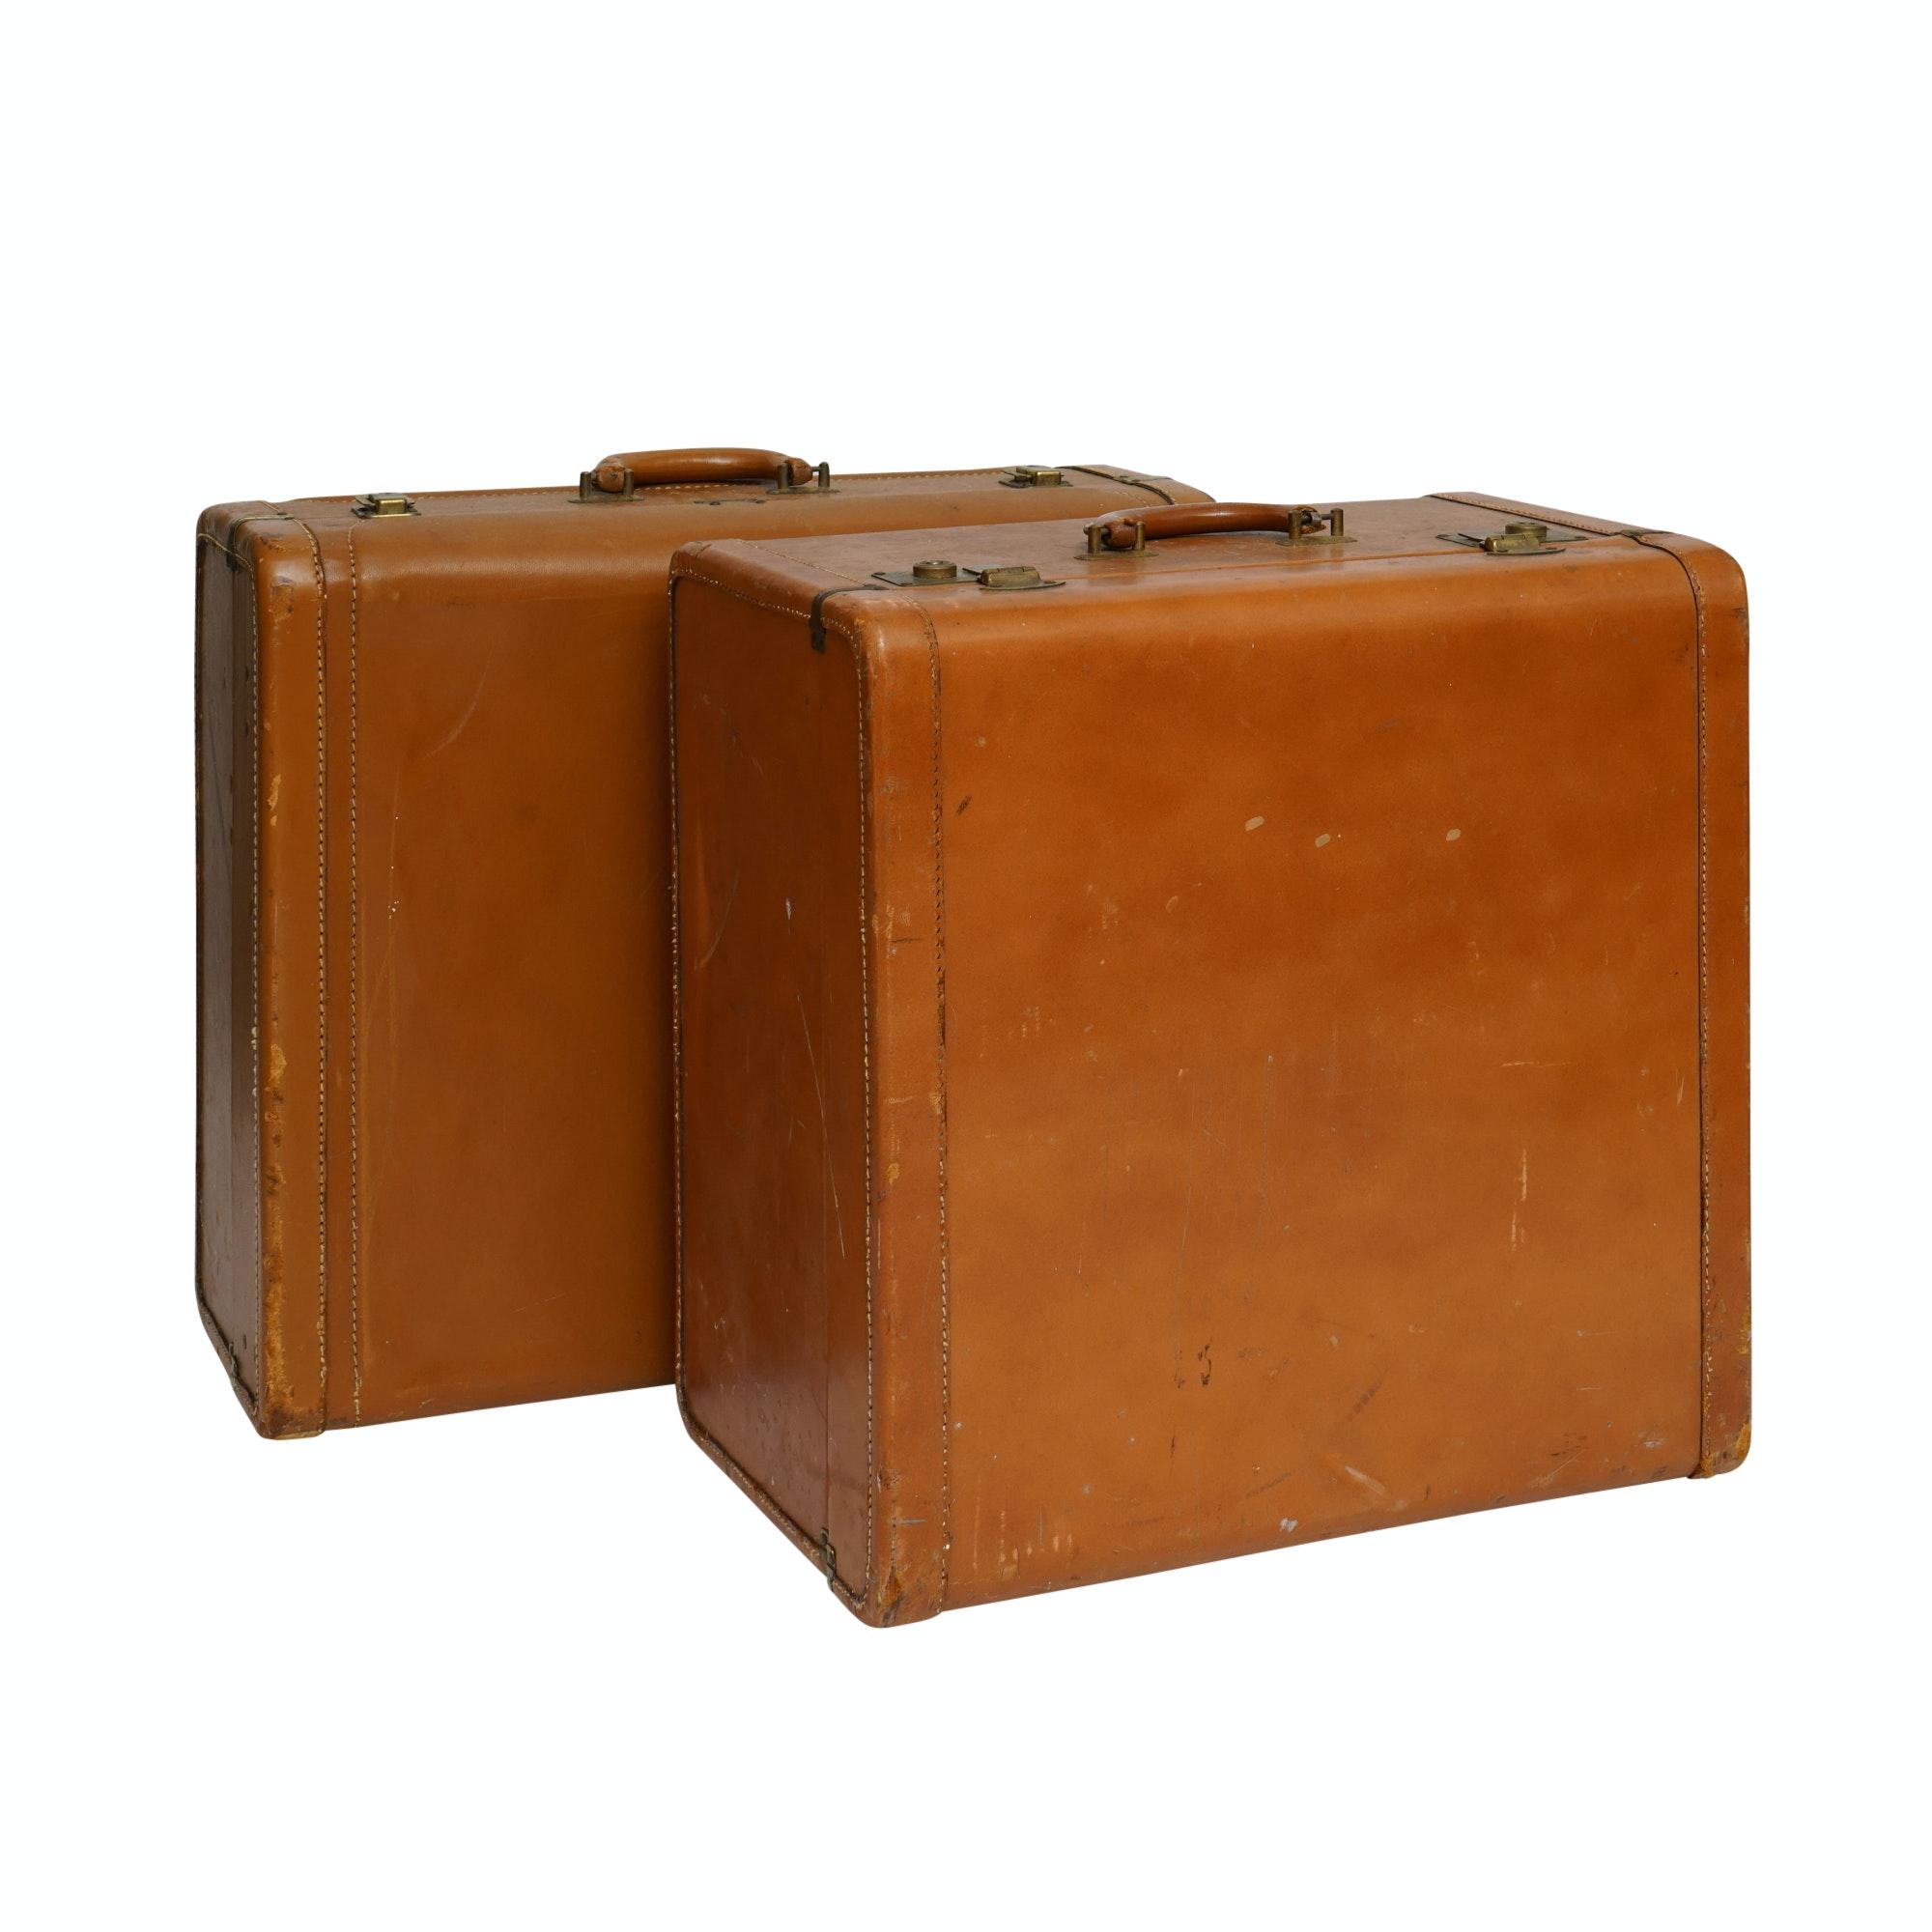 Vintage Superlite Leather Suitcases